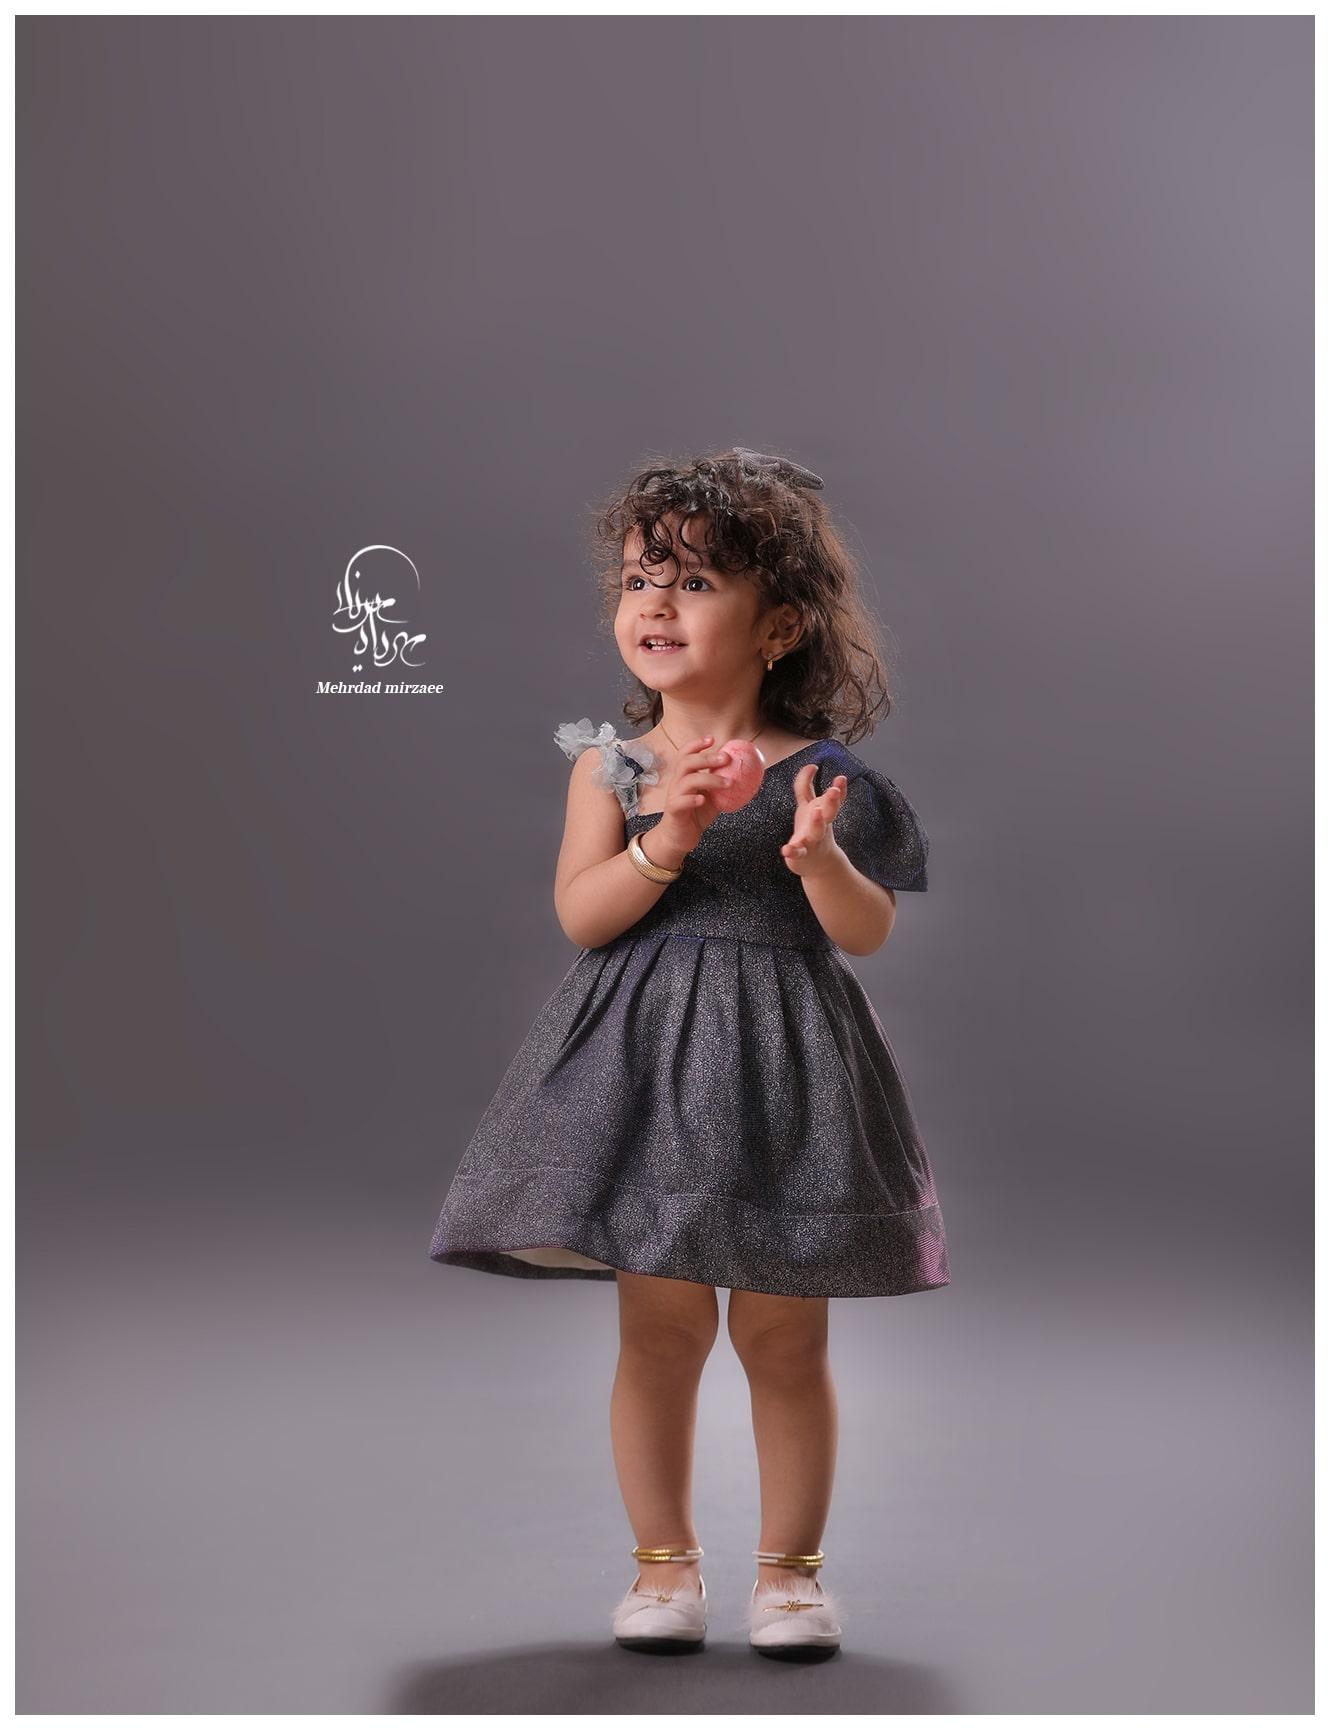 آتلیه تخصصی کودک در کرج مهردادمیرزائی - آتلیه کودک در کرج